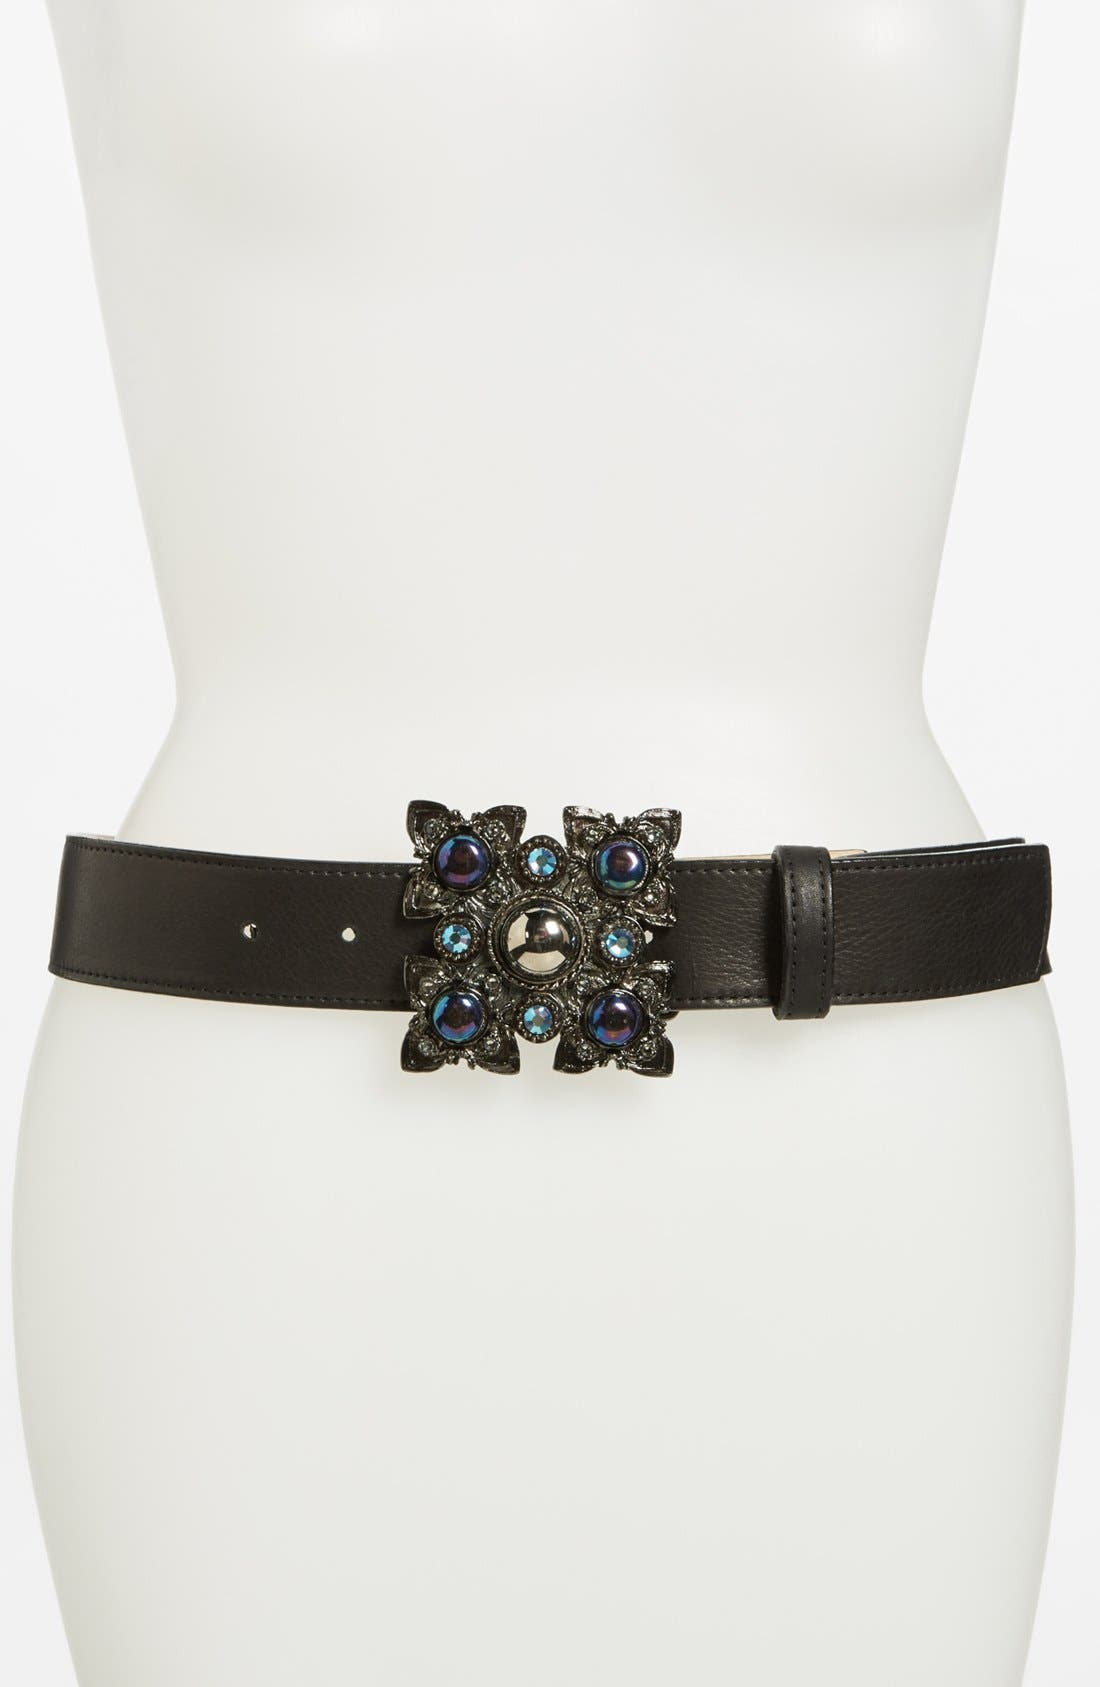 Main Image - Leatherock Leather Belt